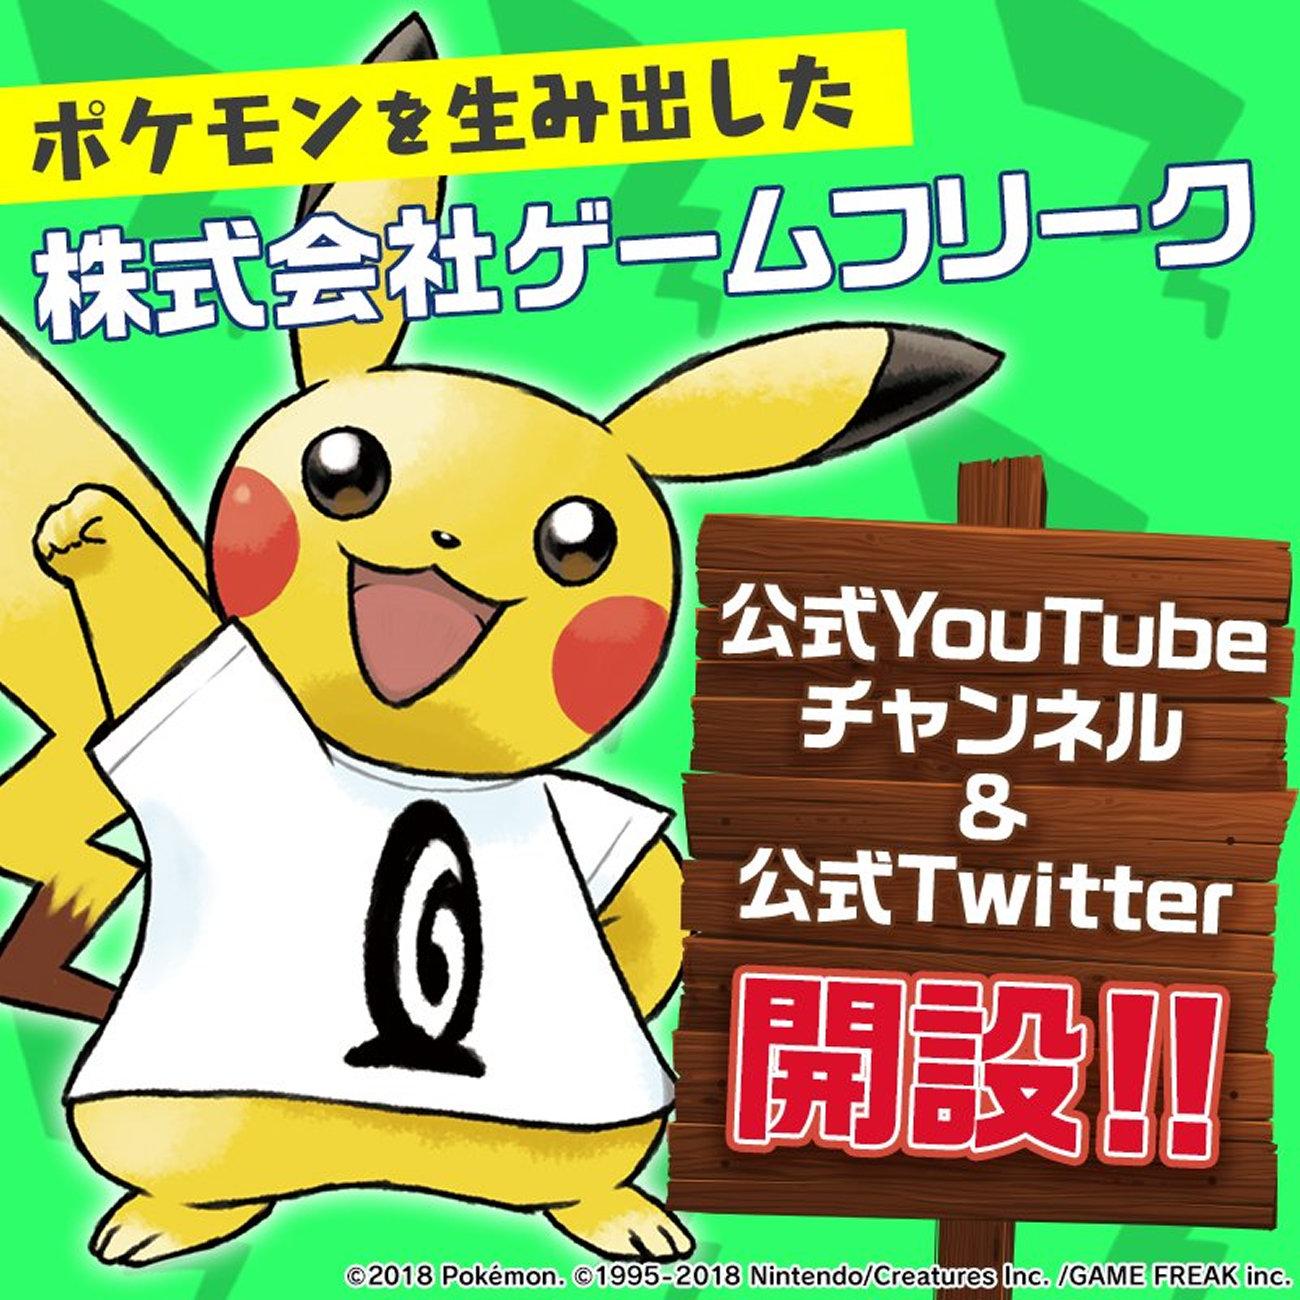 ゲームフリークのツイッターとYoutubeチャンネル